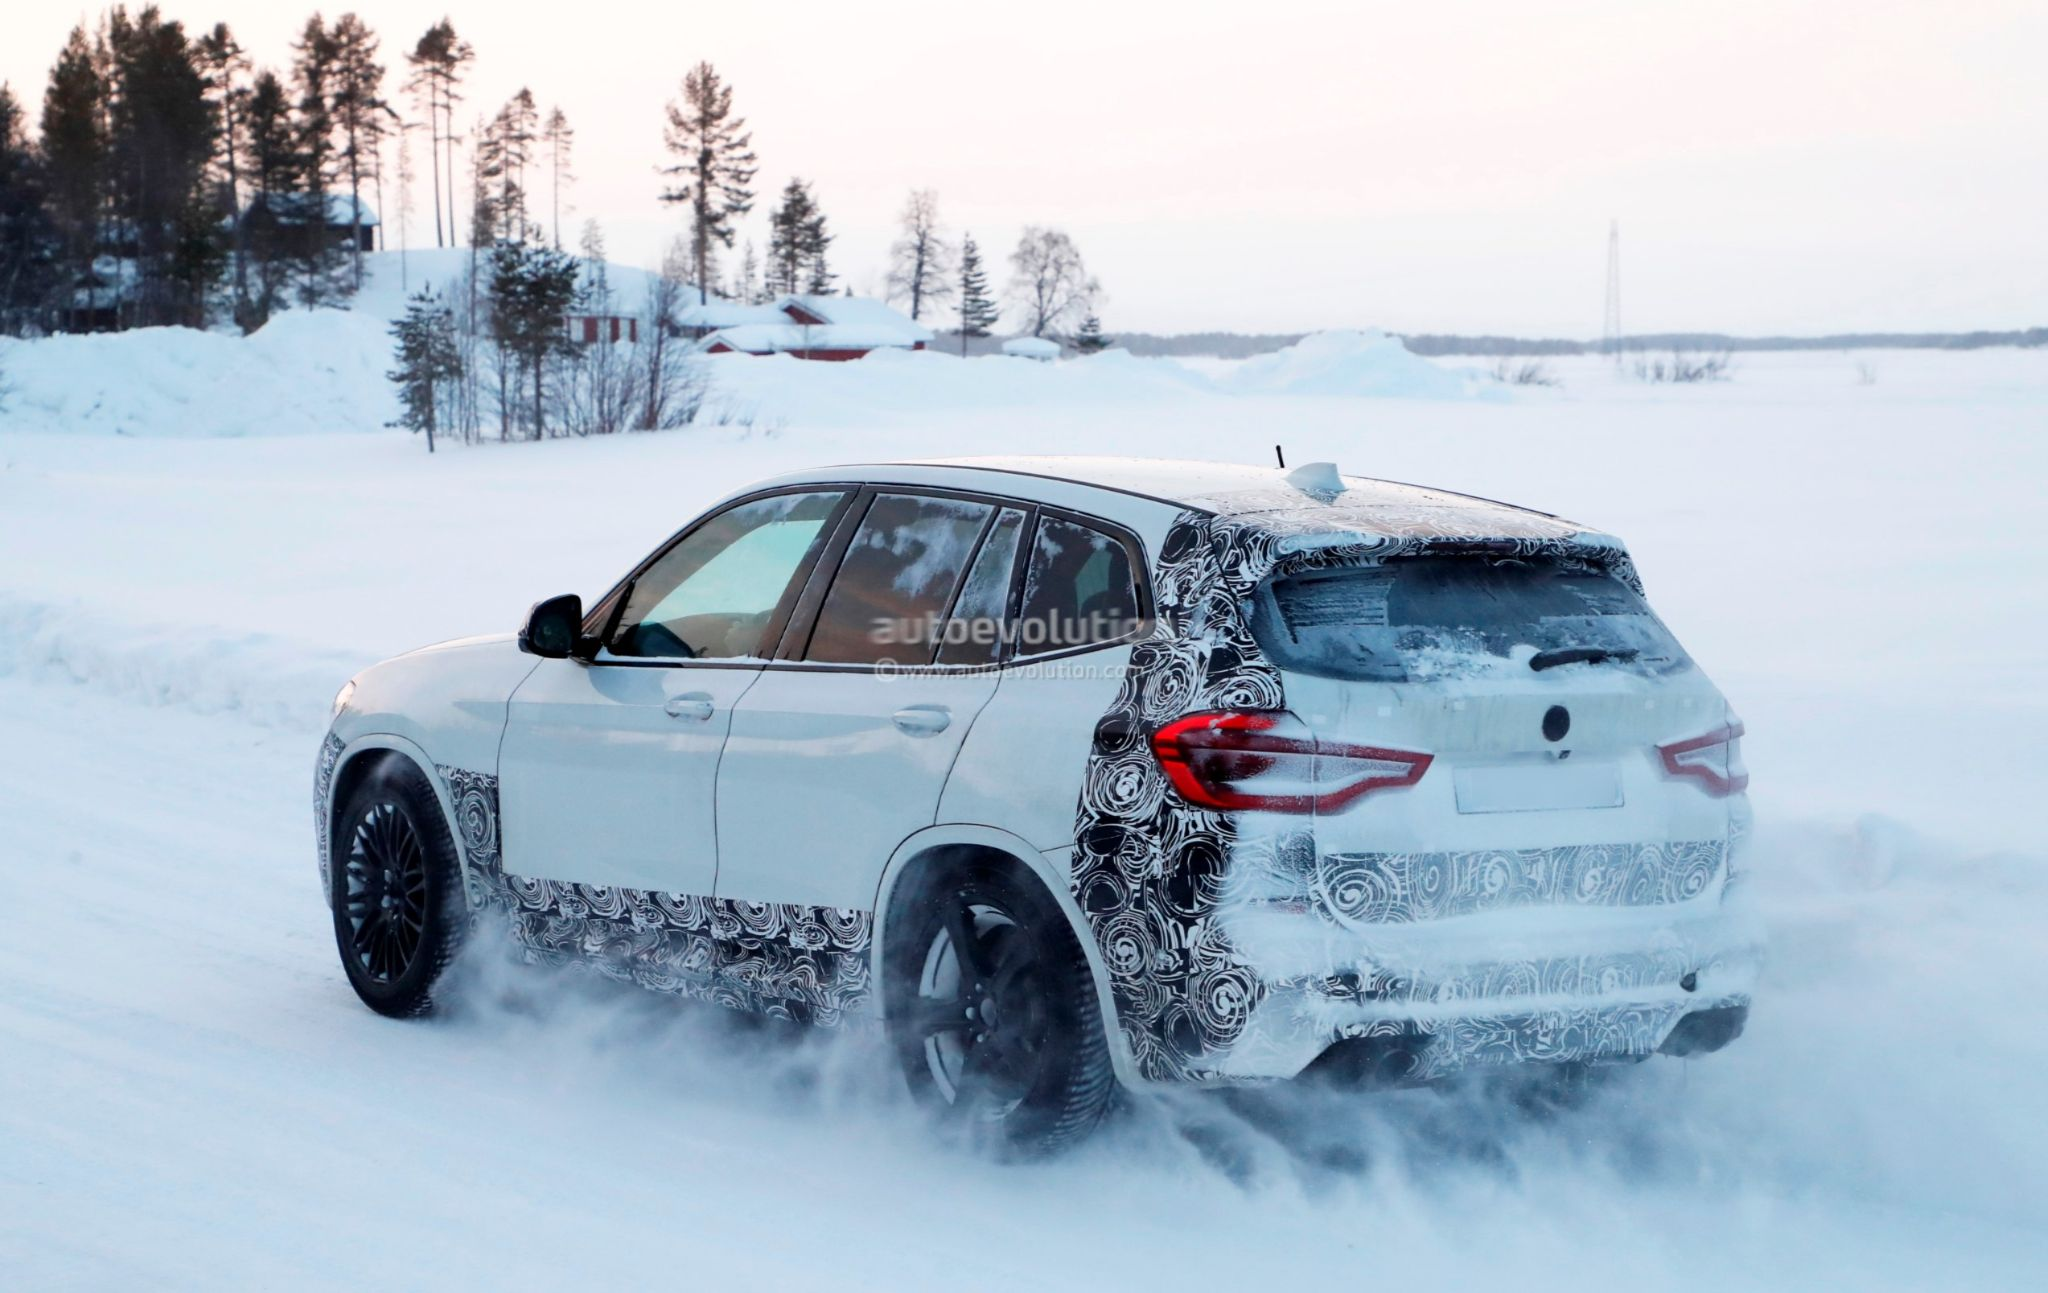 Bmw X3 G01 >> Spyshots: 2019 BMW X3 M Interior Reveals M5 Steering Wheel and Gear Lever - autoevolution